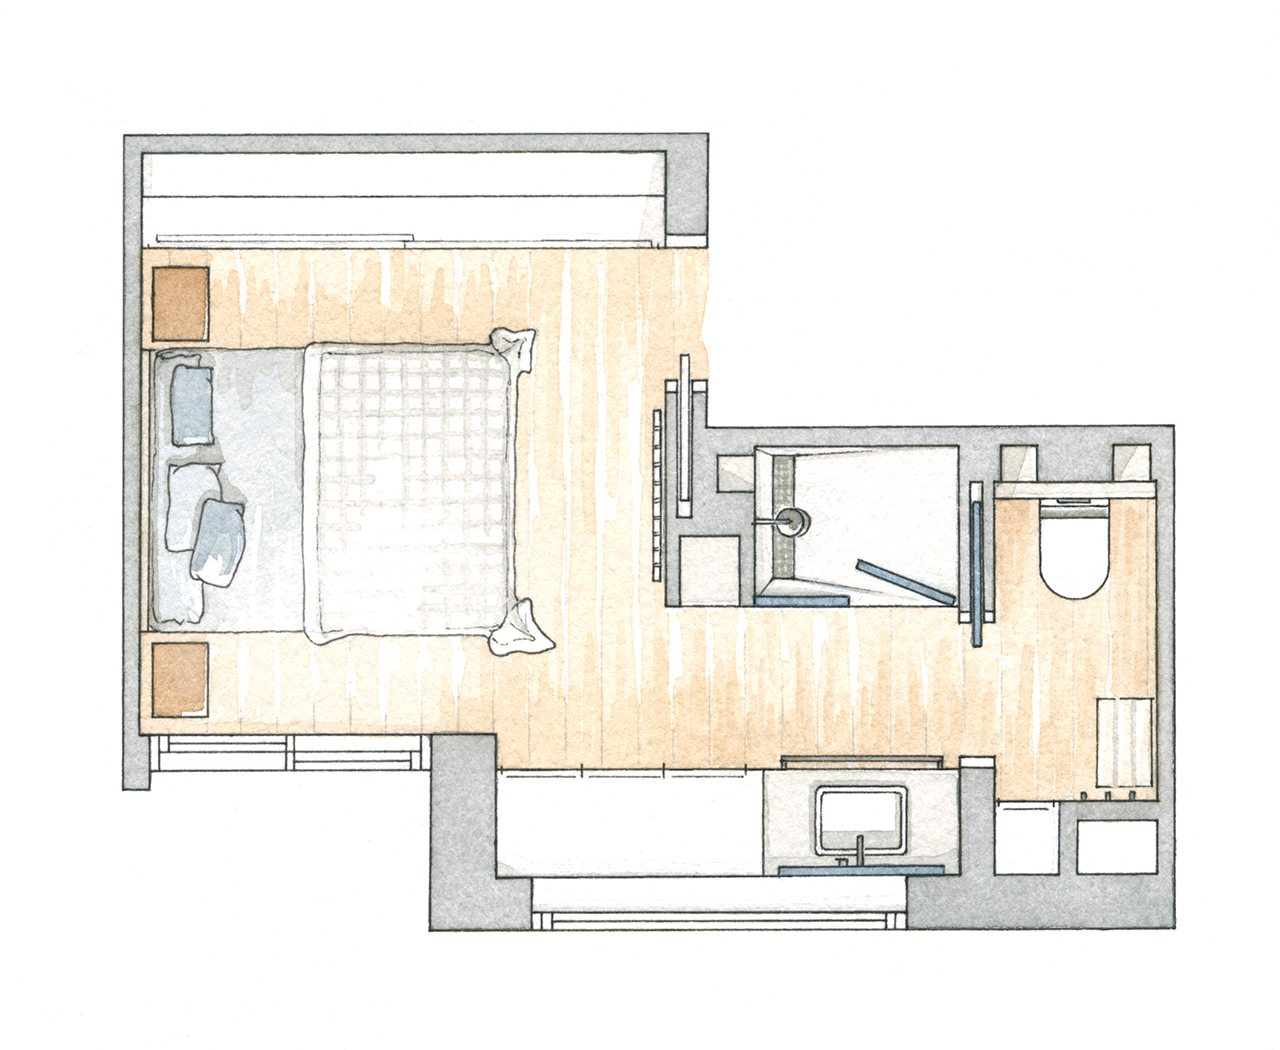 Baño Vestidor Diseno:Diseño Dormitorio Con Vestidor y Baño Suite Con Baño y Vestidor